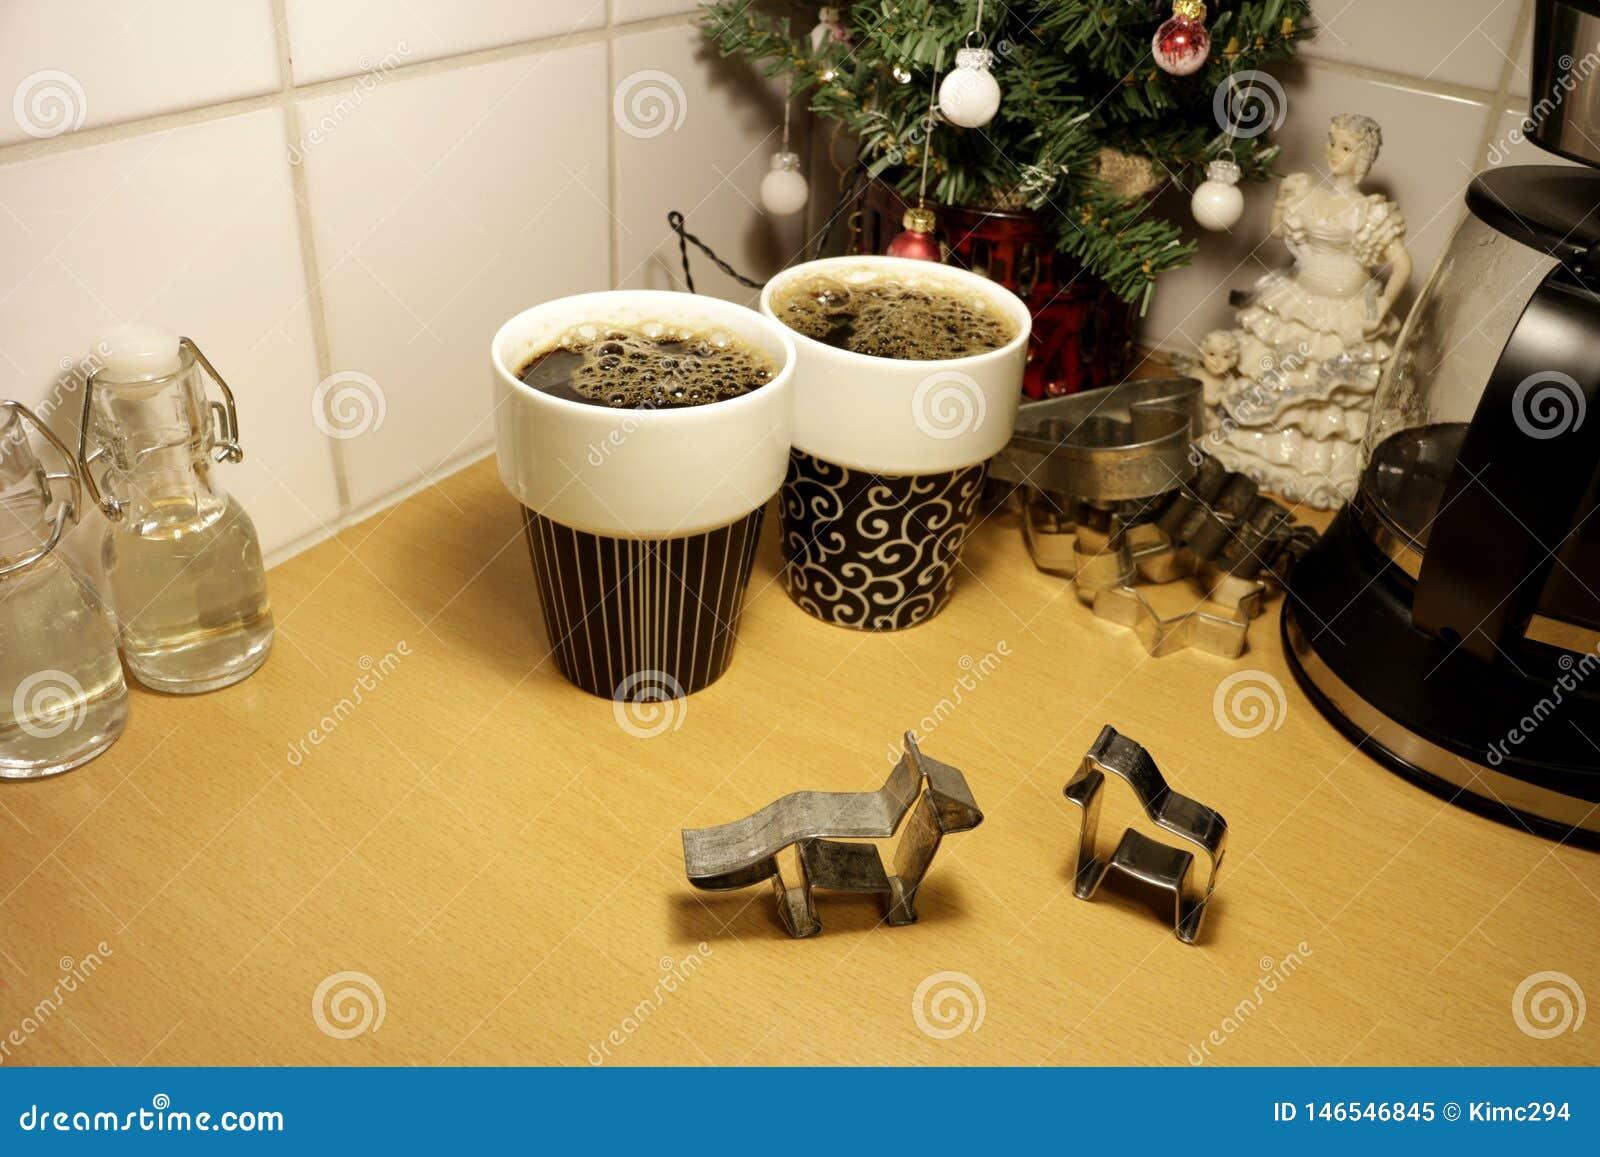 Deux coupeurs de biscuit de pain d épice formés par animal se lève sur une partie supérieure du comptoir de cuisine